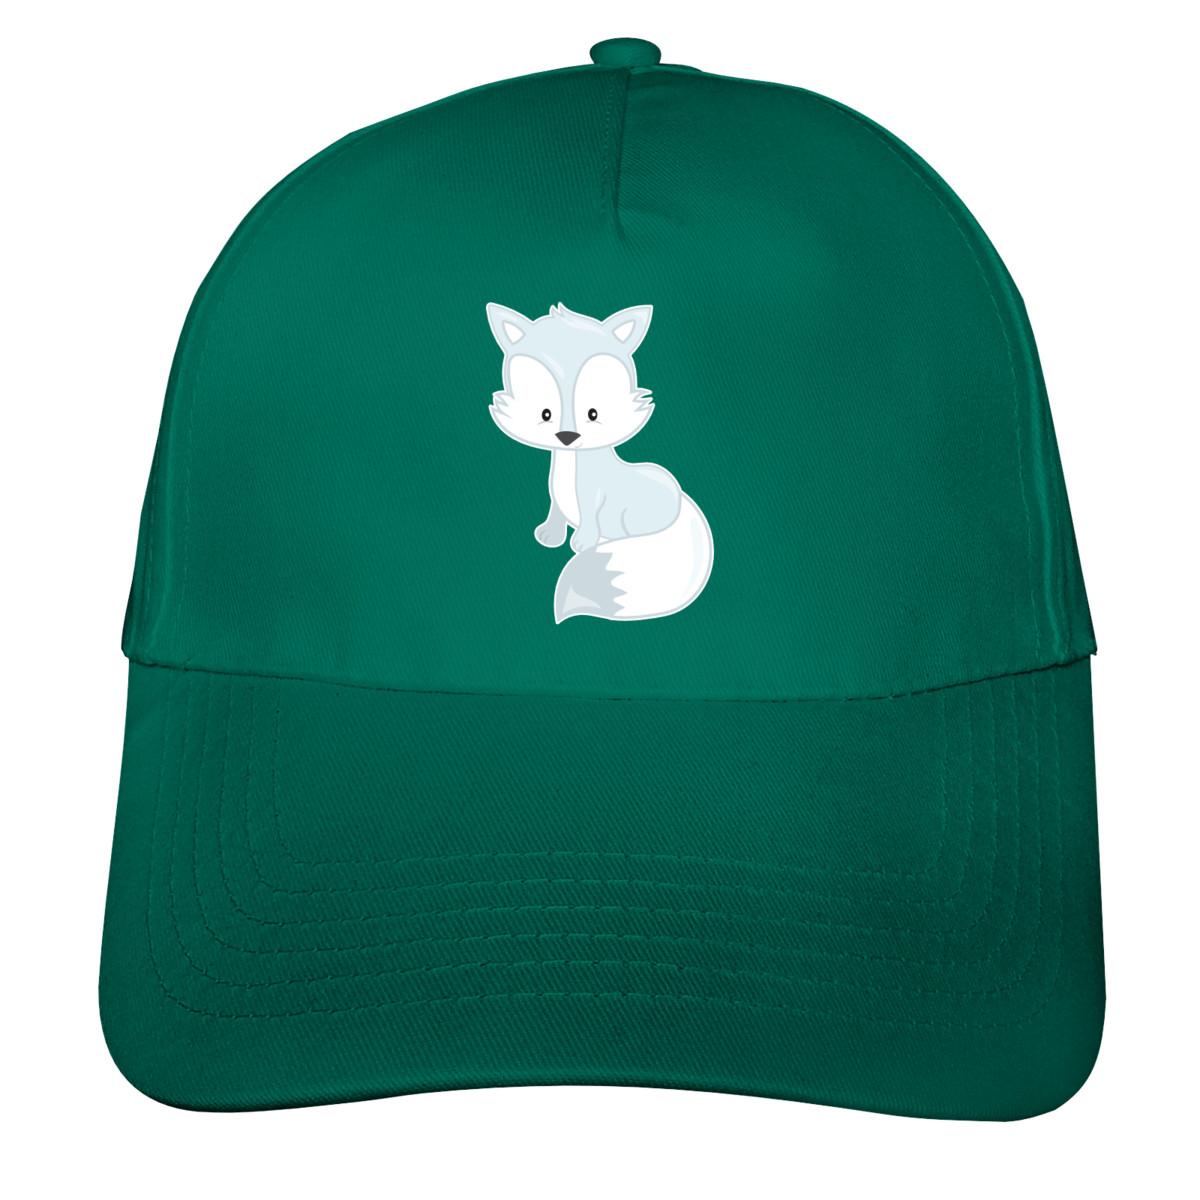 smaragdgrün/farbiger Aufdruck